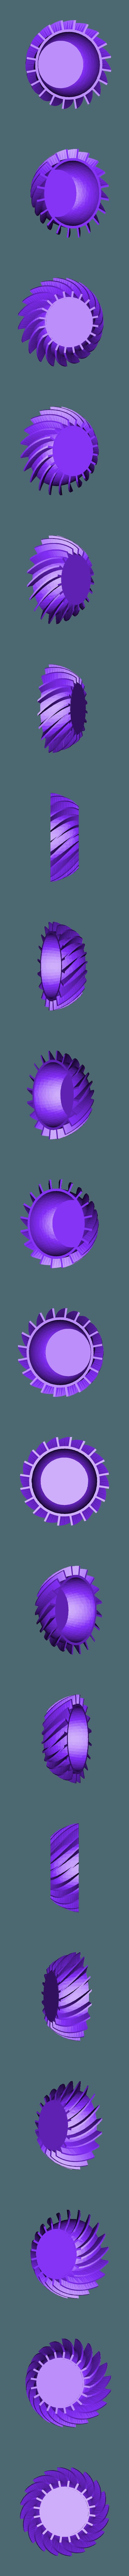 Fruit_Bowl1.stl Download free STL file Fruit Bowl • 3D printable object, helmuteder